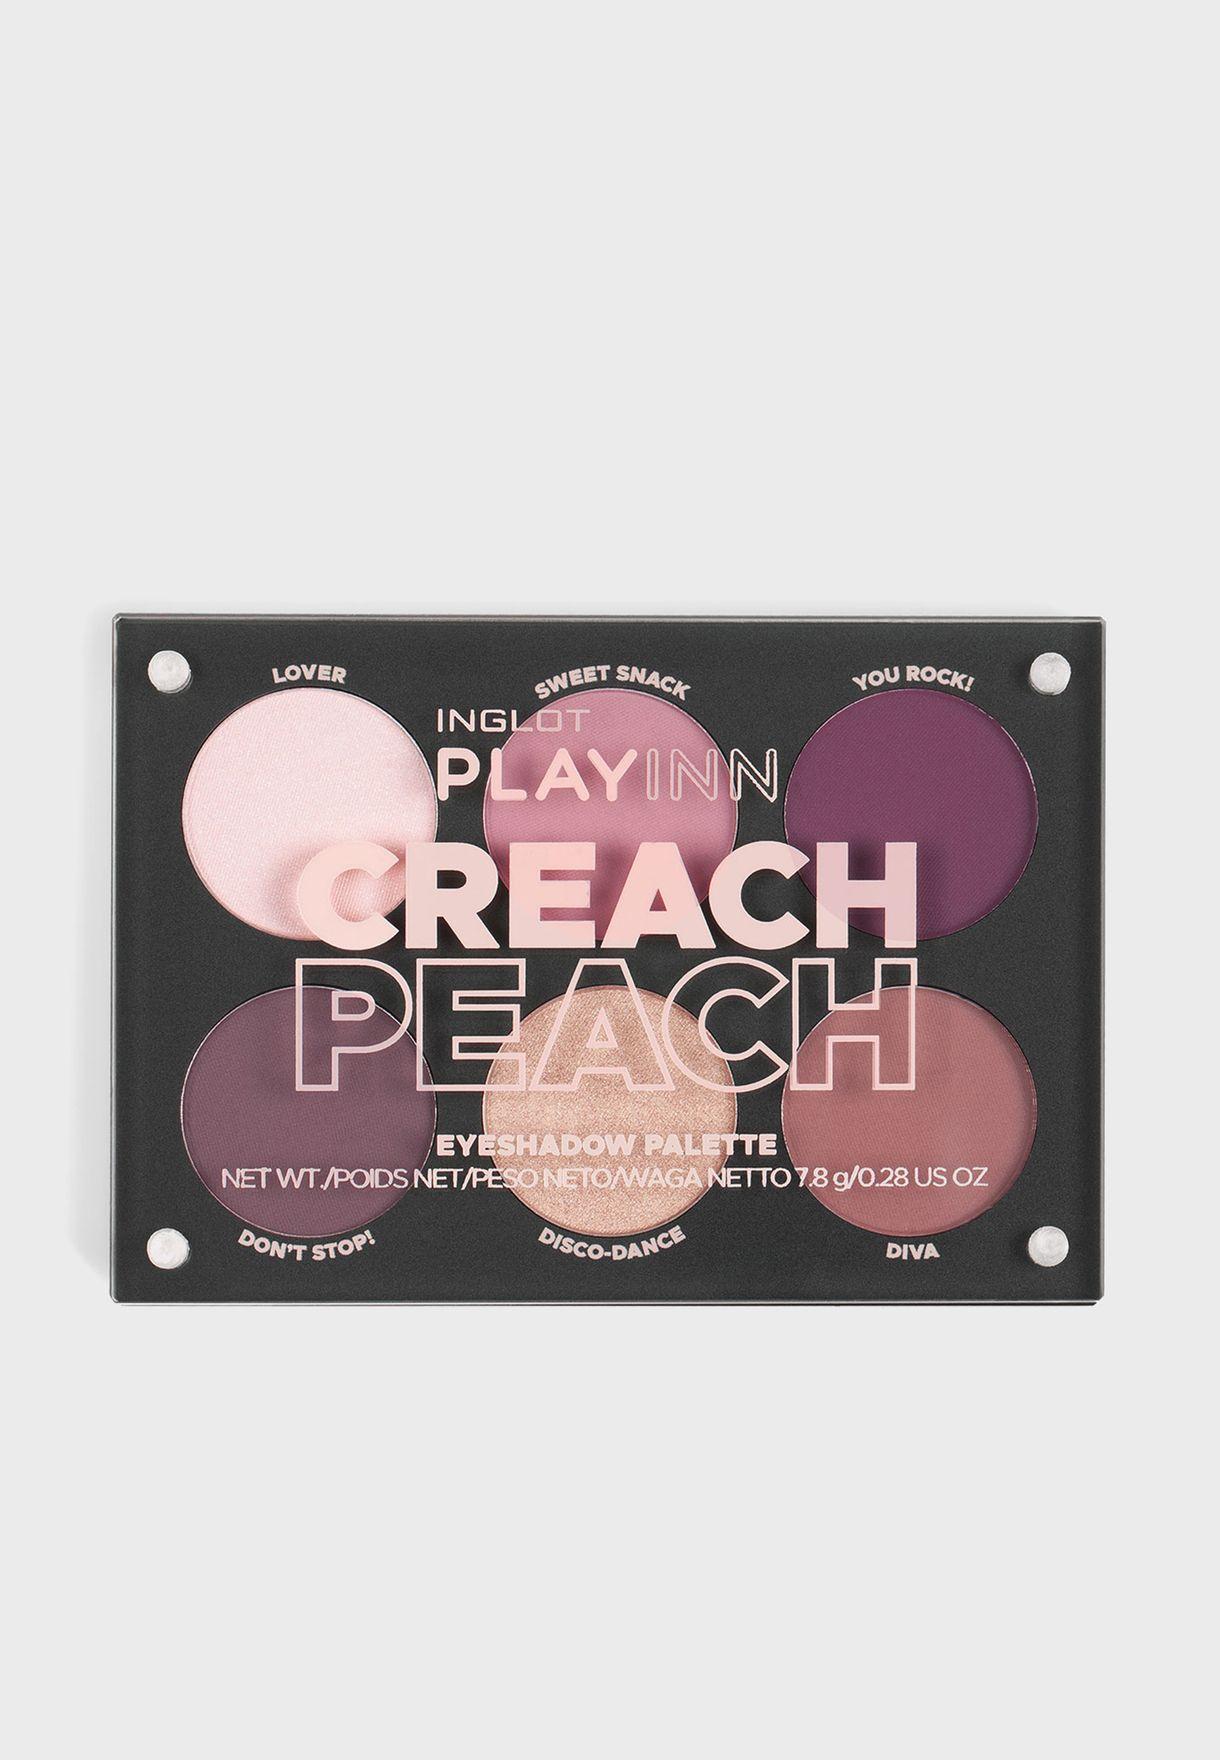 Playinn Creach Eyeshadow Palette Peach